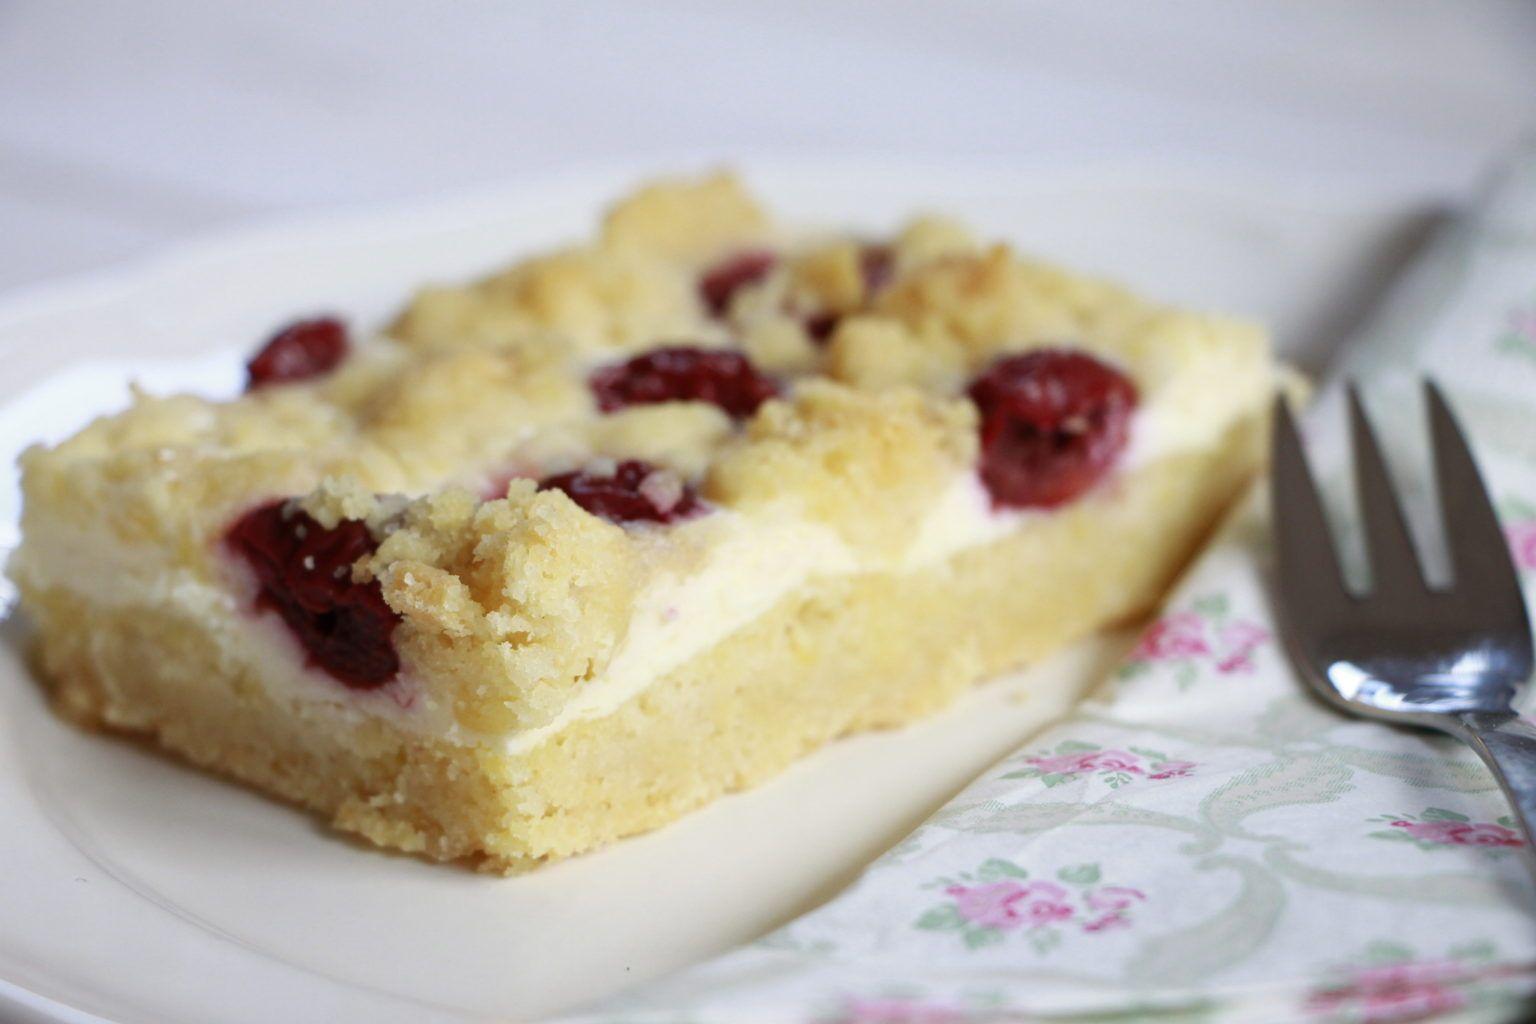 Schnelles Rezept Kirsch Streuselkuchen Mit Quark Streuselkuchen Mit Kirschen Quark Streuselkuchen Streusel Kuchen